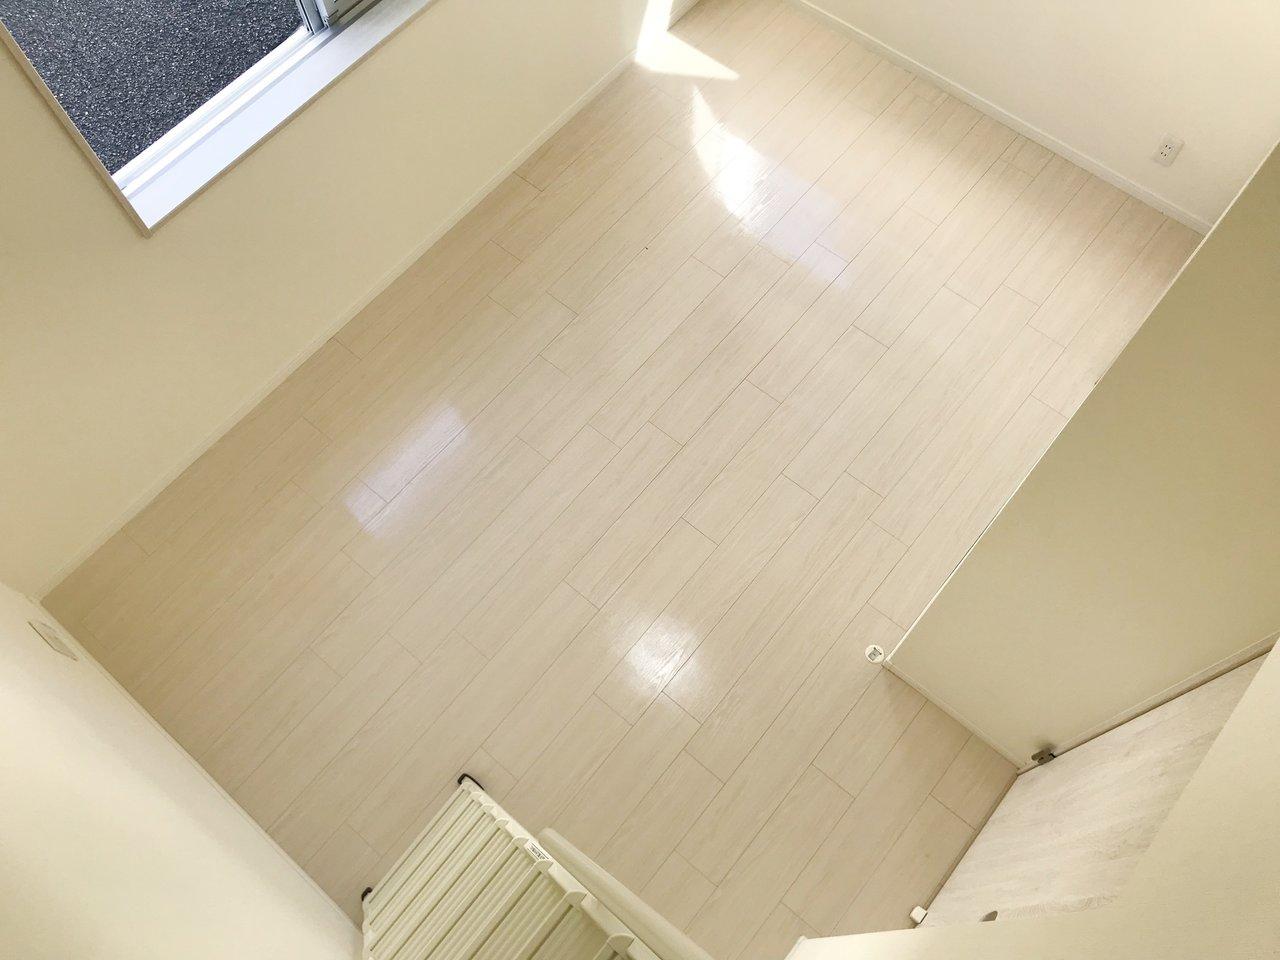 ロフトから見下ろすと、こんな感じ。天井ももちろん高いので、リビングにいてもとても開放感があるのはそのせい。ロフトのある暮らし、おすすめです。